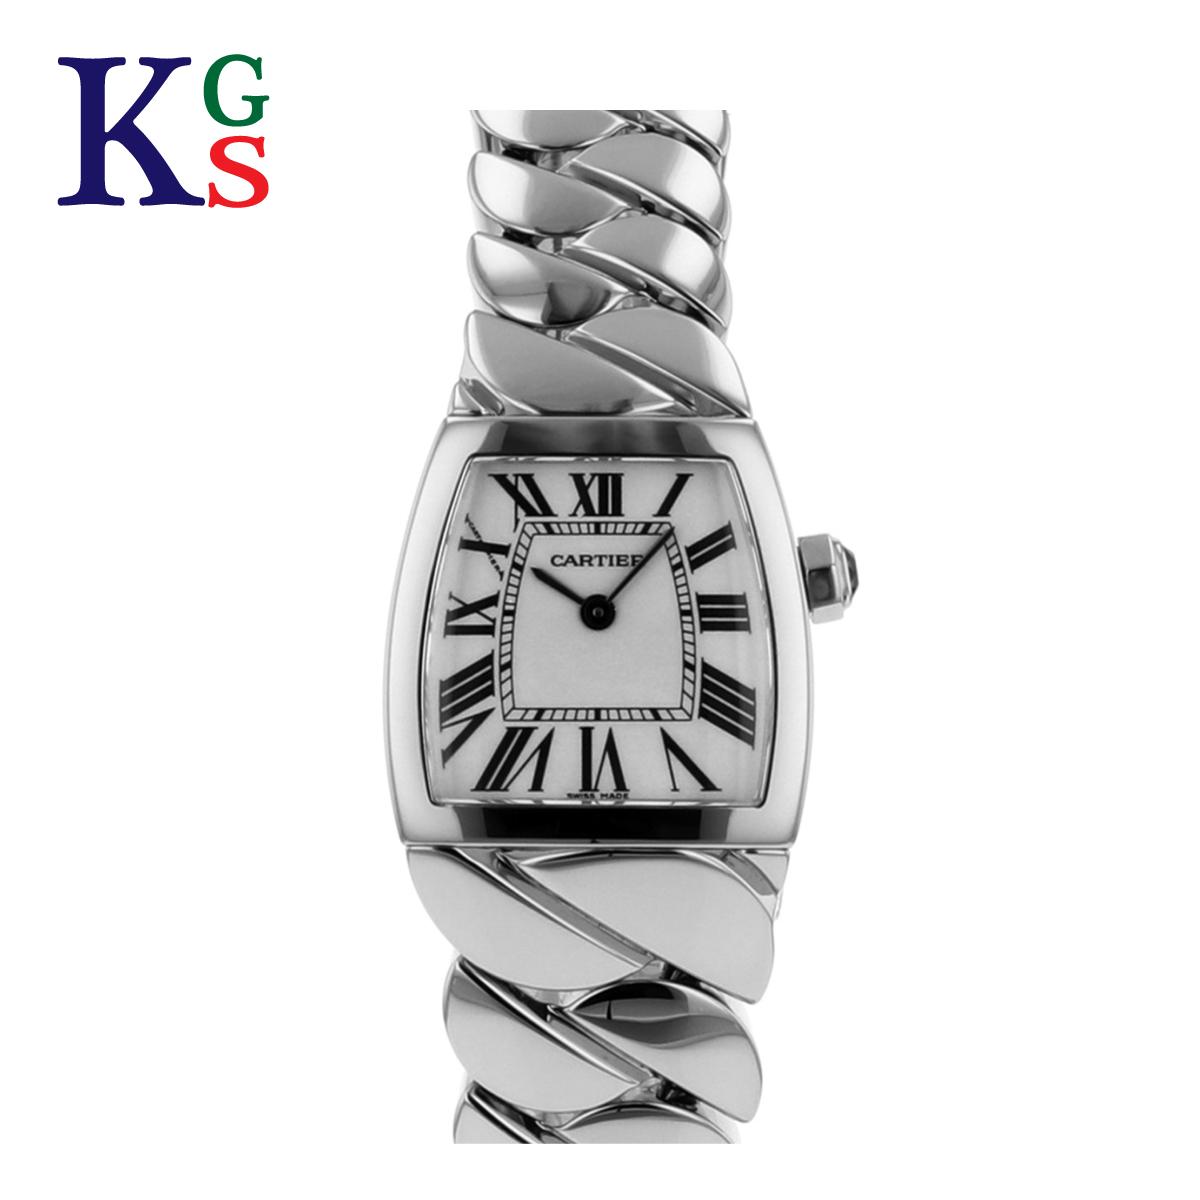 【ギフト品質】カルティエ/Cartier レディース 腕時計 ラドーニャSM ホワイト文字盤 ステンレススチール クオーツ W660012I